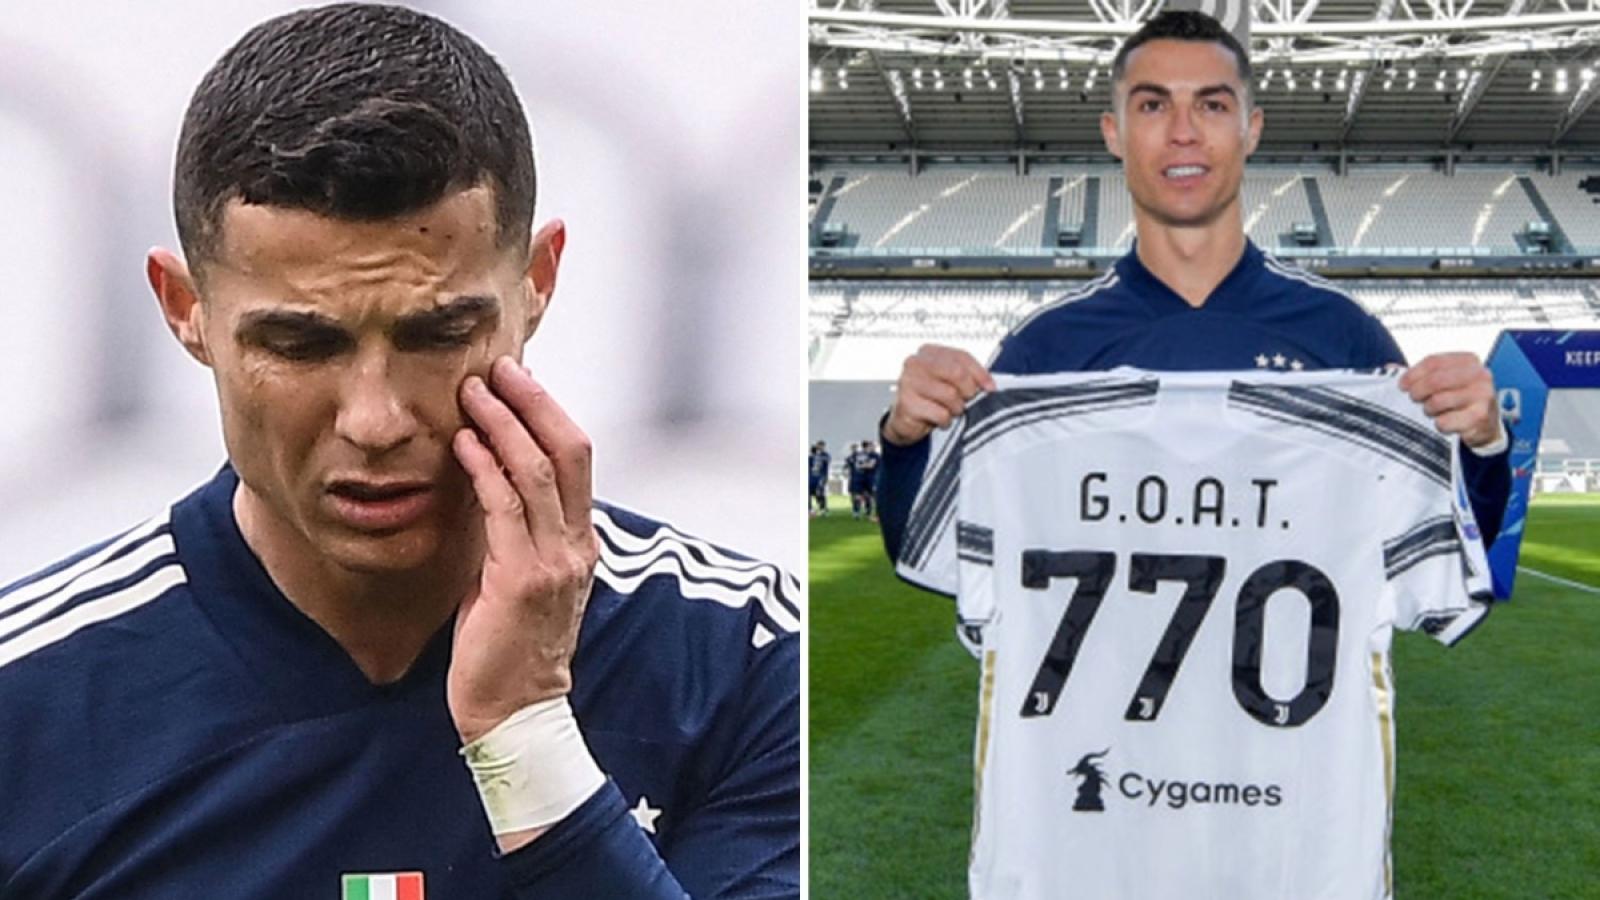 Dấu hiệu cho thấy Cristiano Ronaldo đã quyết chí rời Juventus?